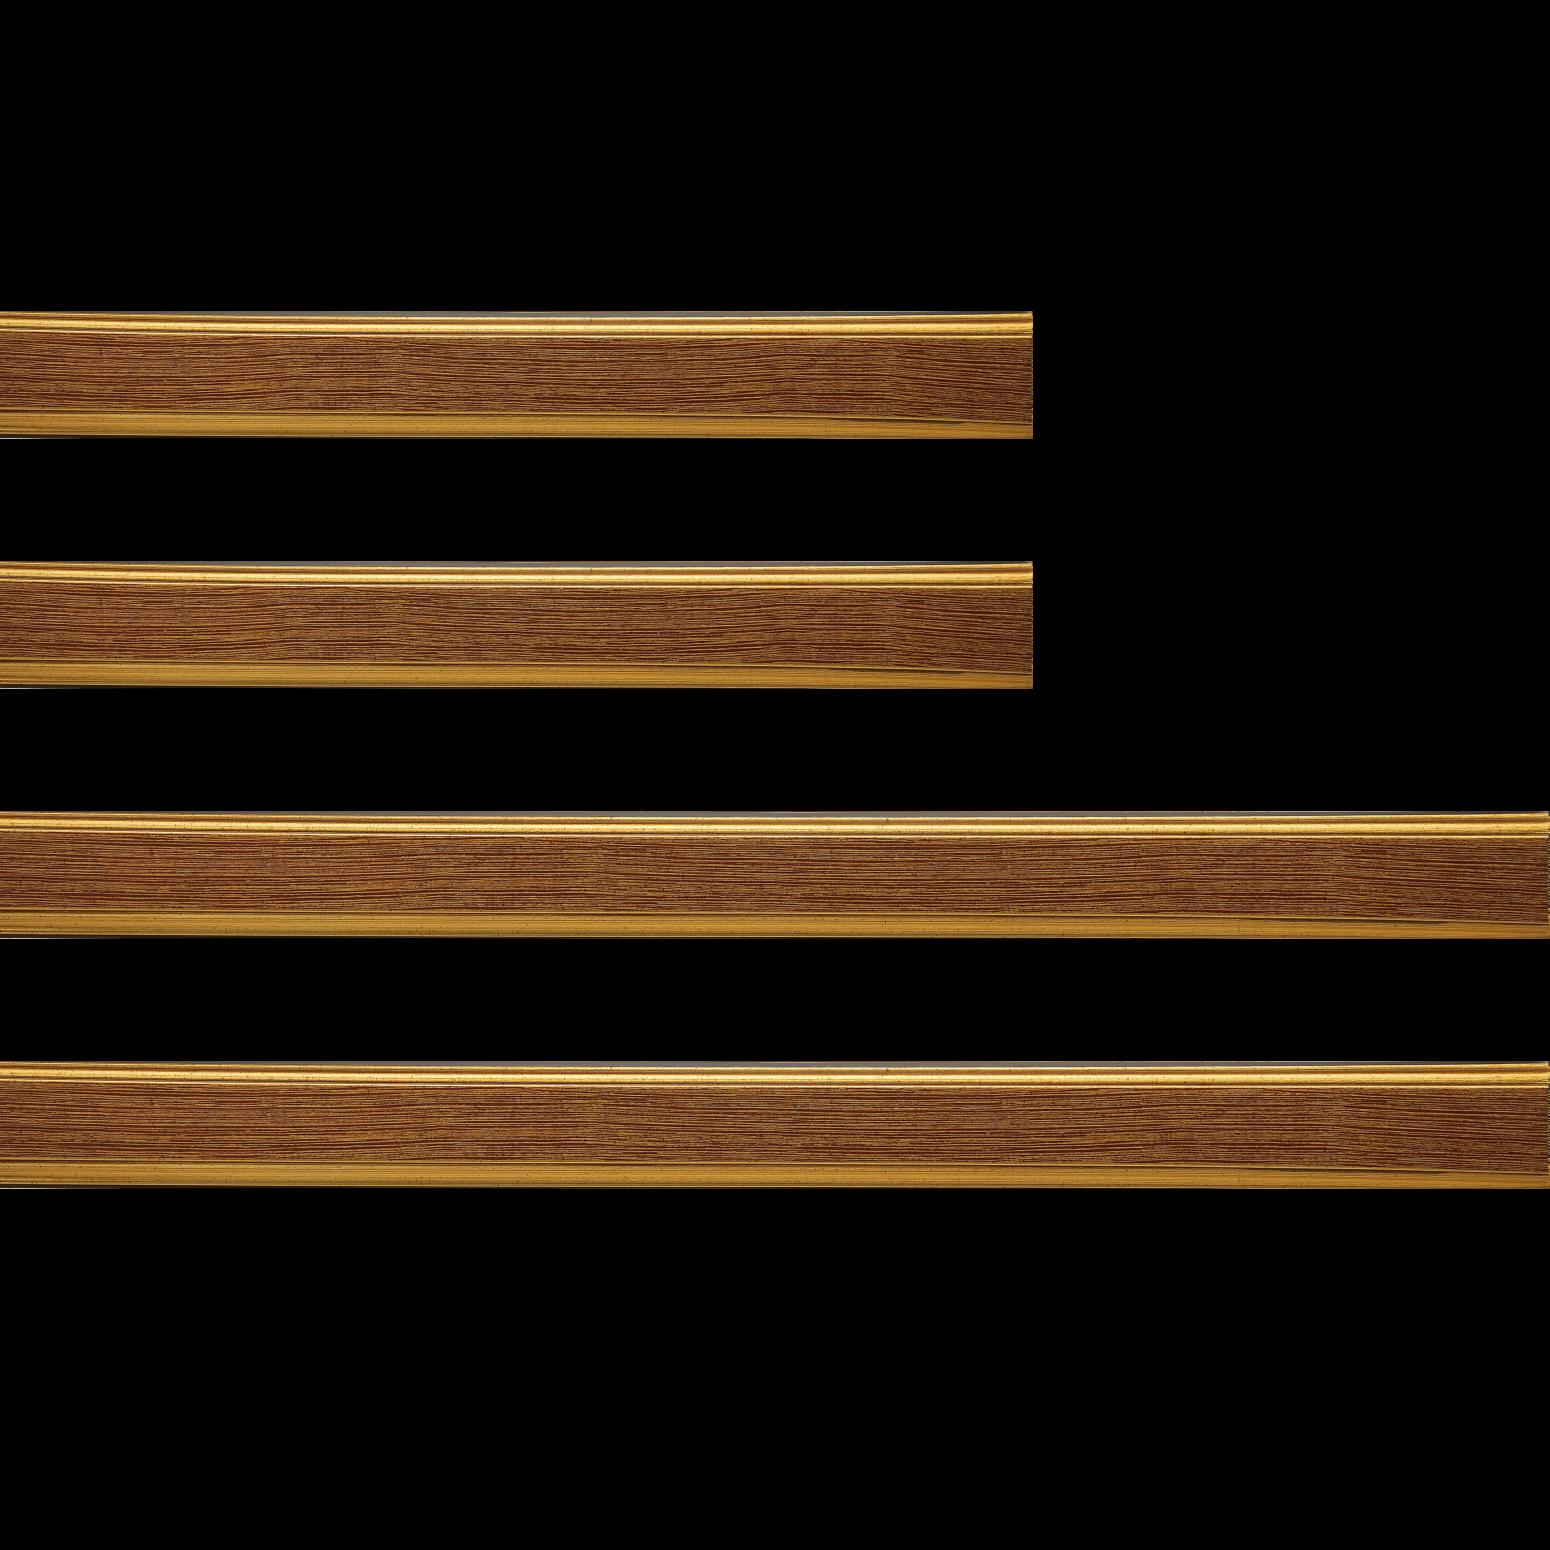 Baguette bois profil plat largeur 3.5cm couleur or fond bordeaux filet or